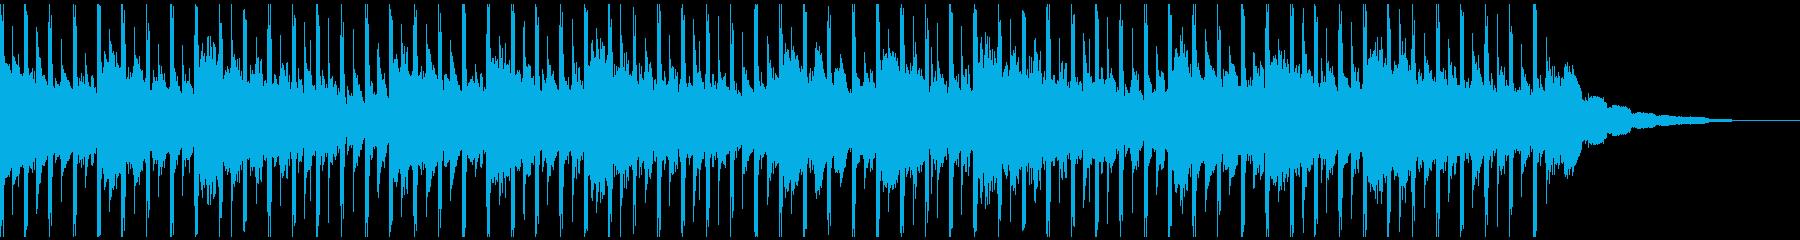 ビジネステクノロジー(ショート1)の再生済みの波形